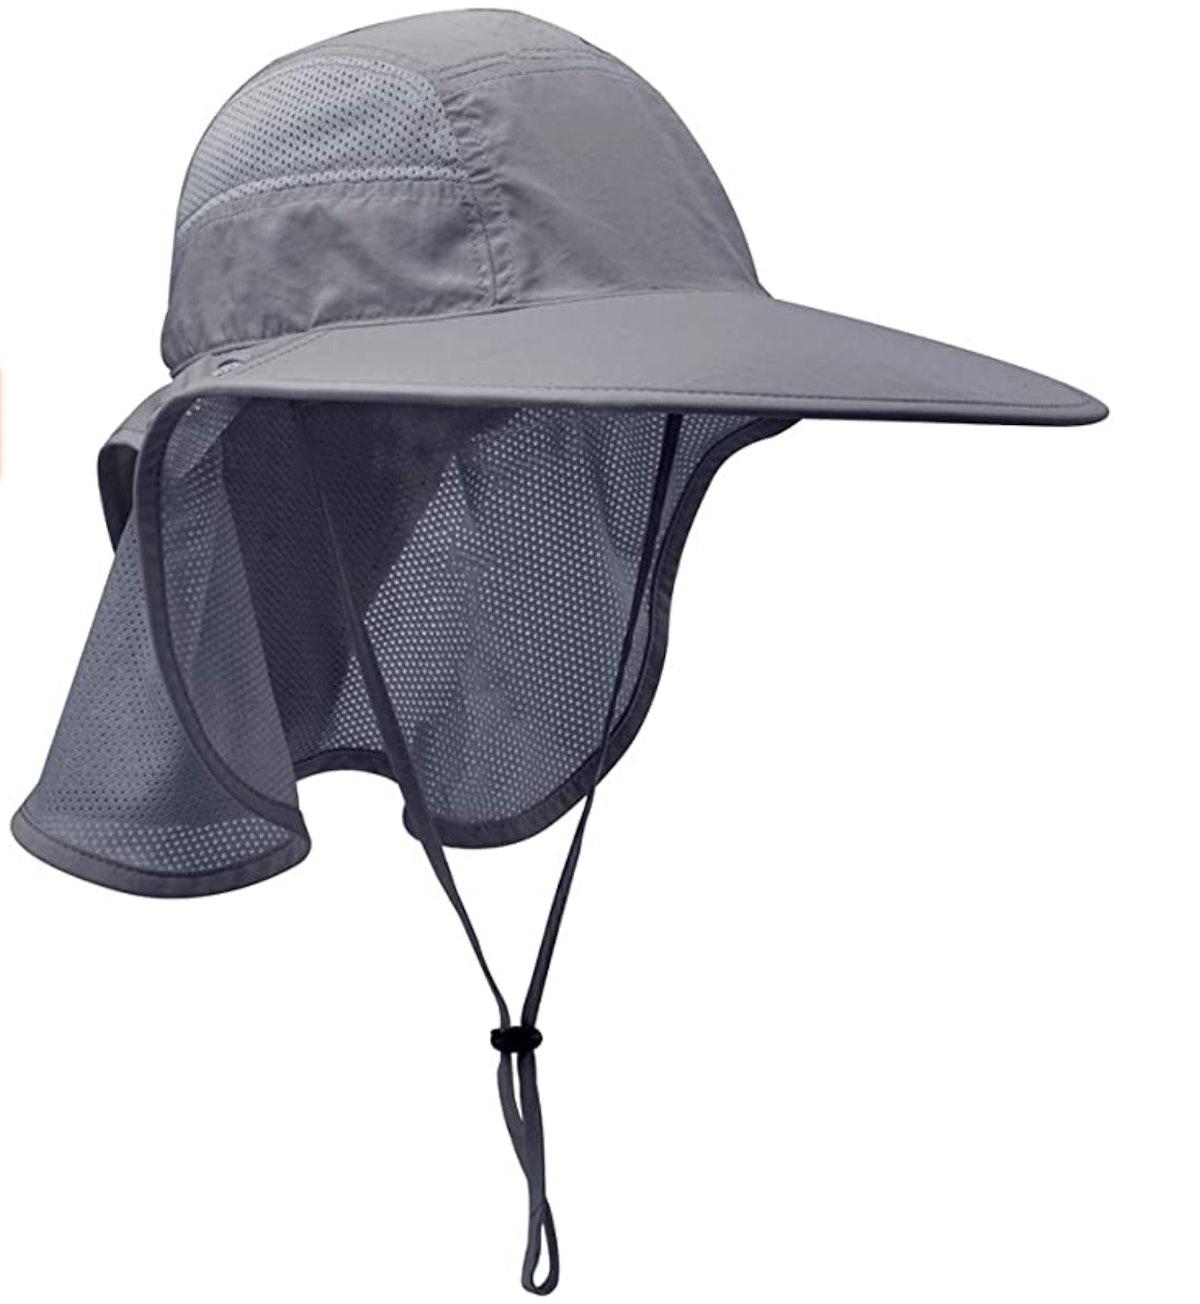 Lenikis Sun Hat With Neck Flap